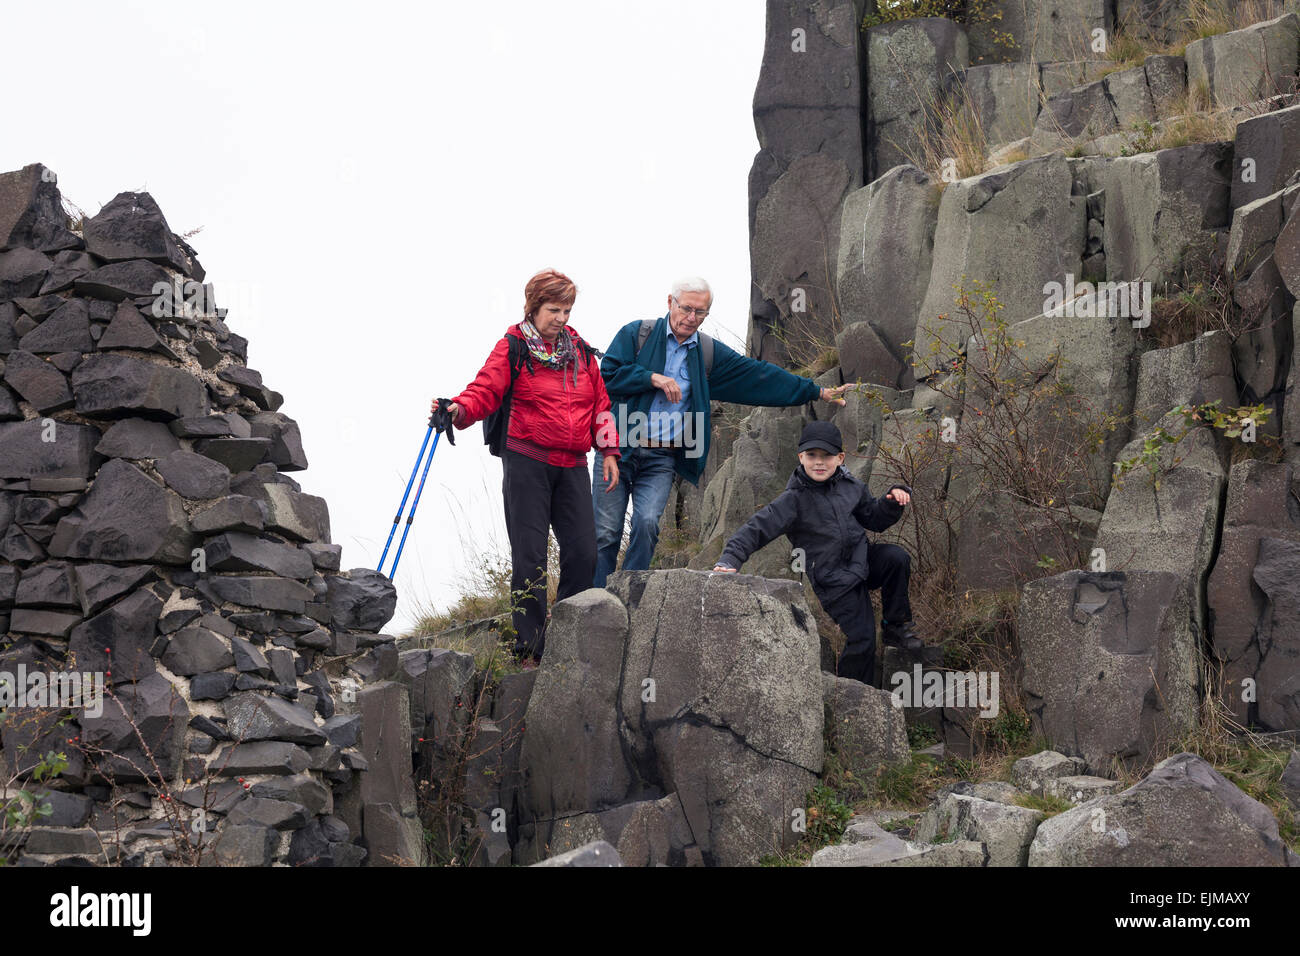 Coppia senior e bambino ragazzo trekking sul terreno roccioso. Immagini Stock